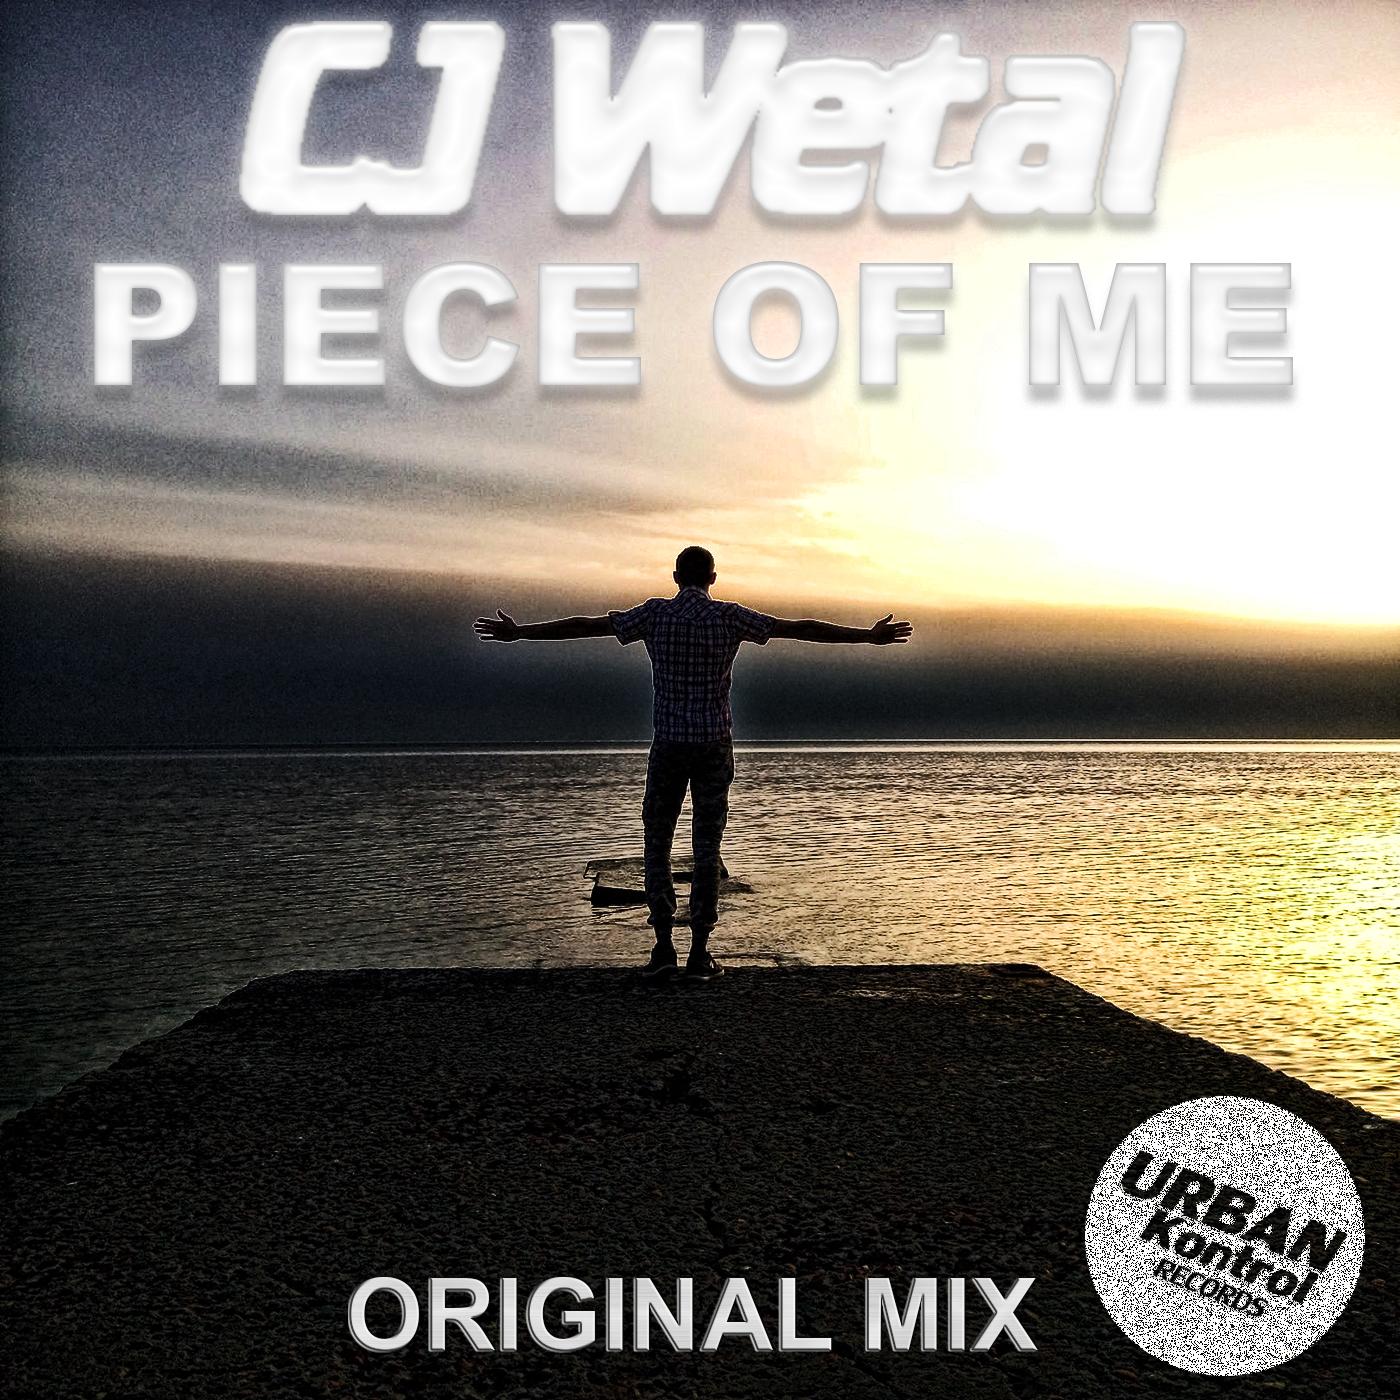 CJ Wetal - Piece Of Me (Original Mix)